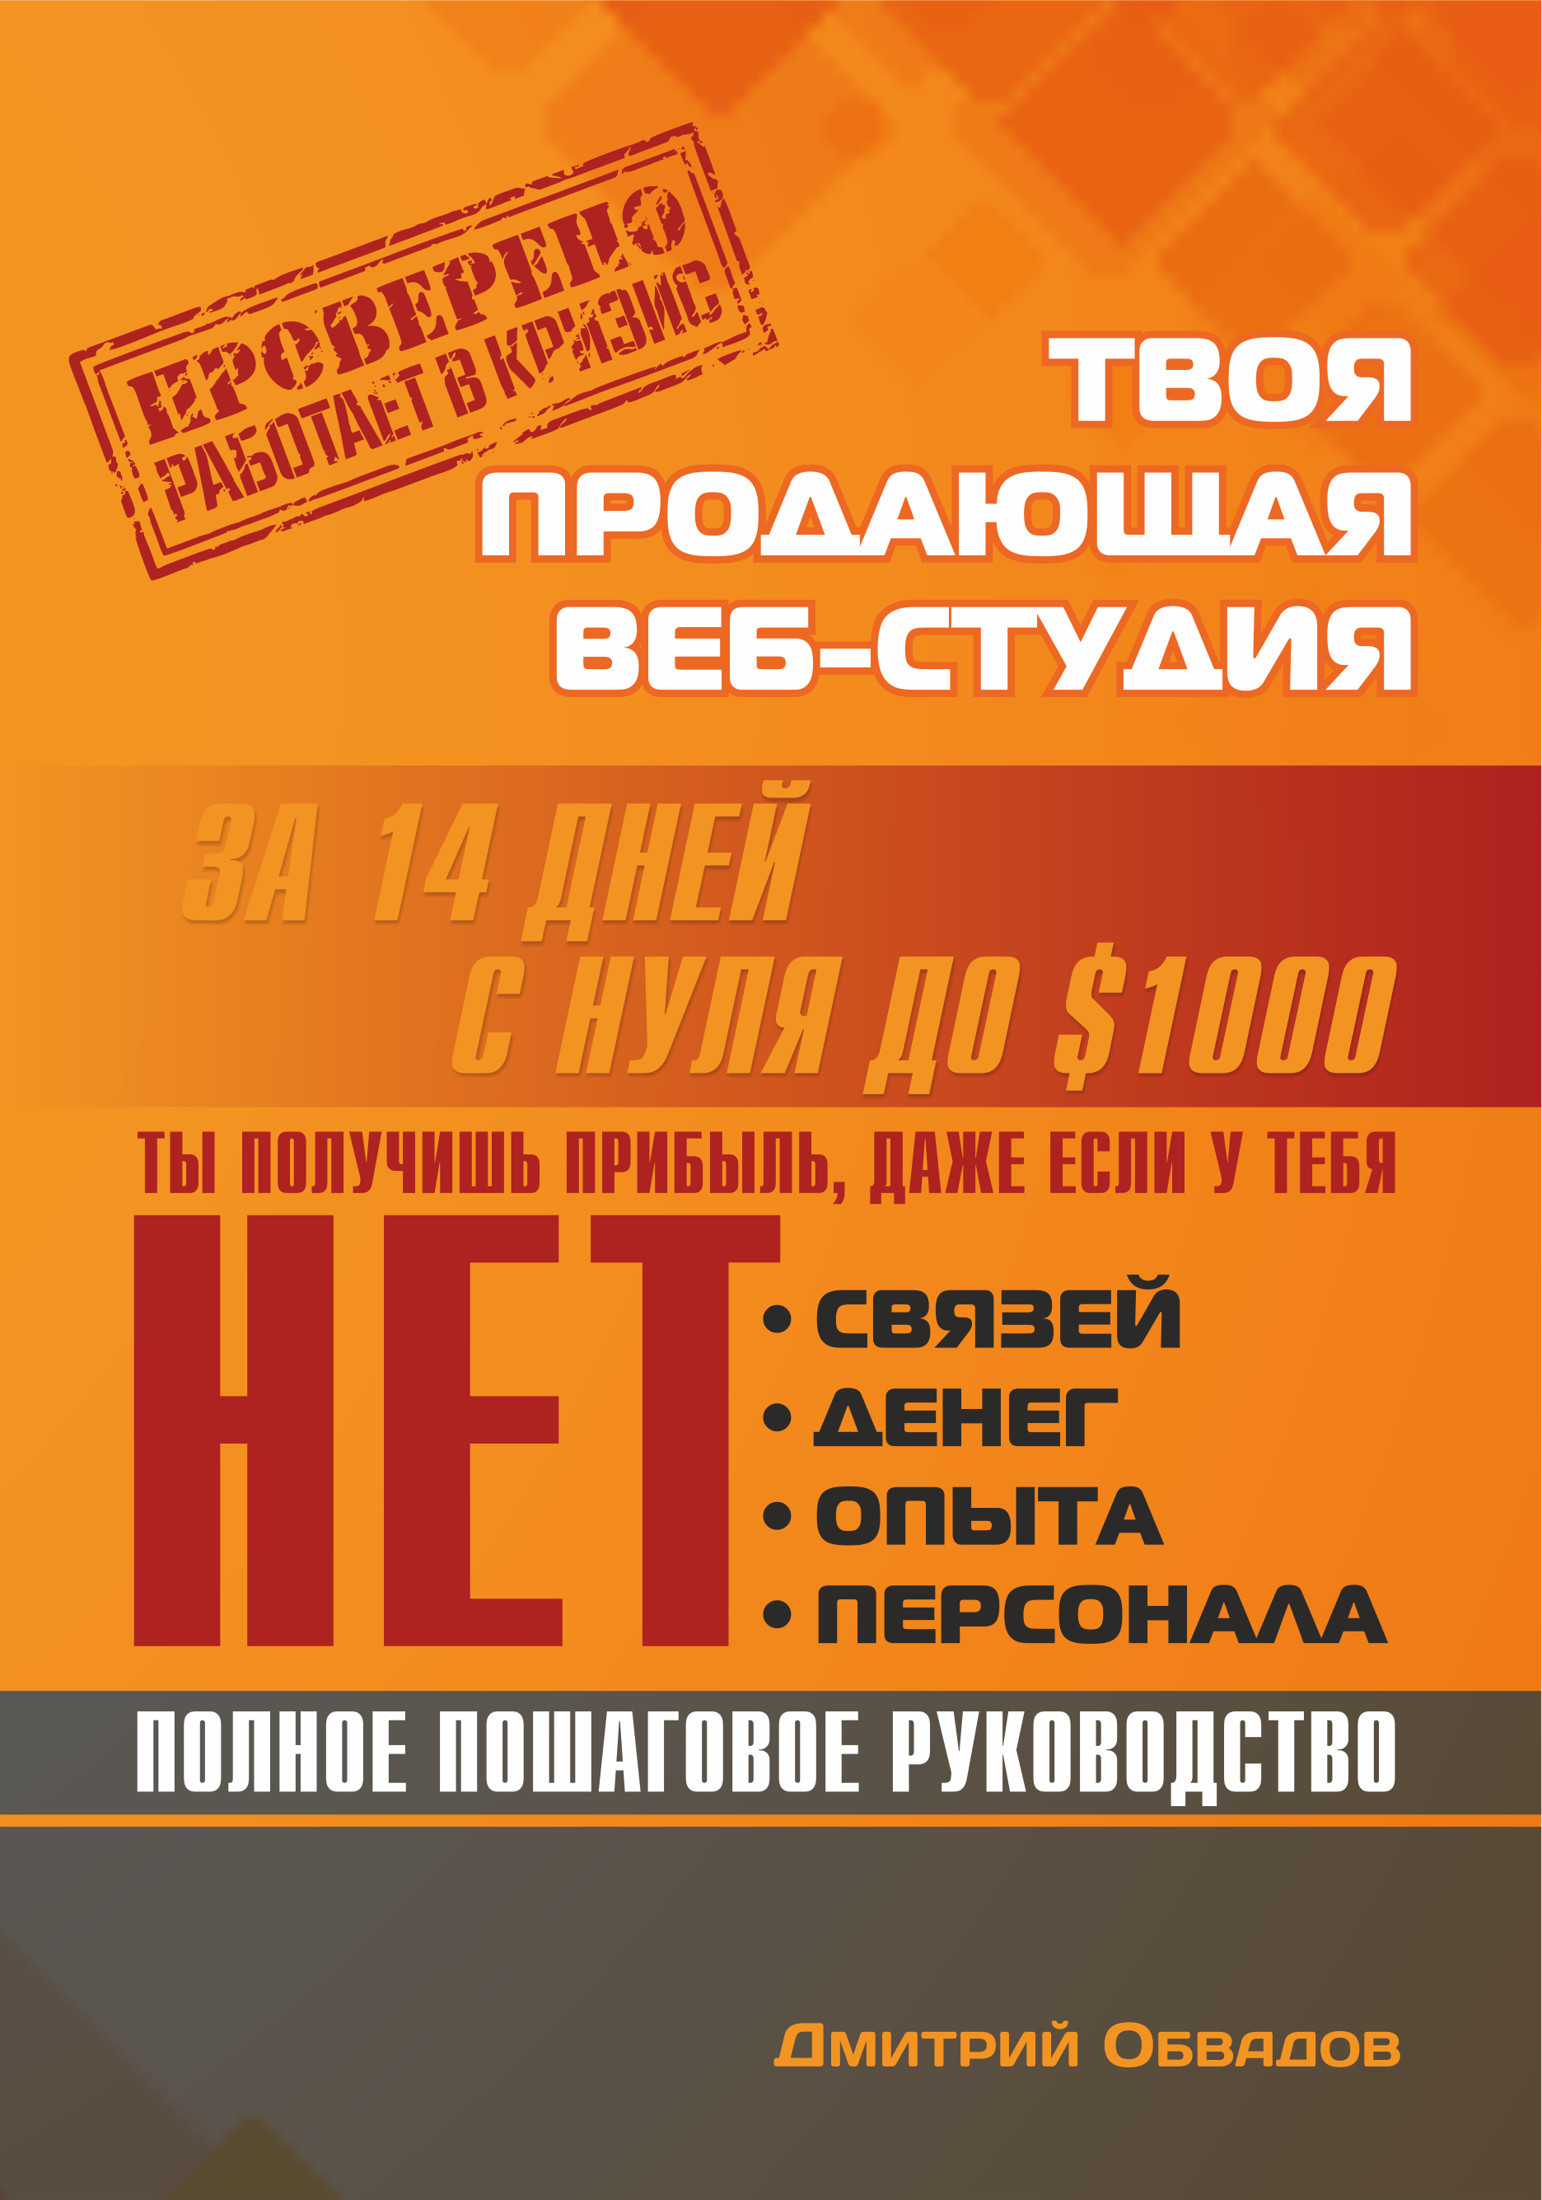 Дмитрий Обвадов Твоя продающая веб-студия за 14 дней | Пошаговое руководство, которое работает в кризис секс через веб камеру онлайн